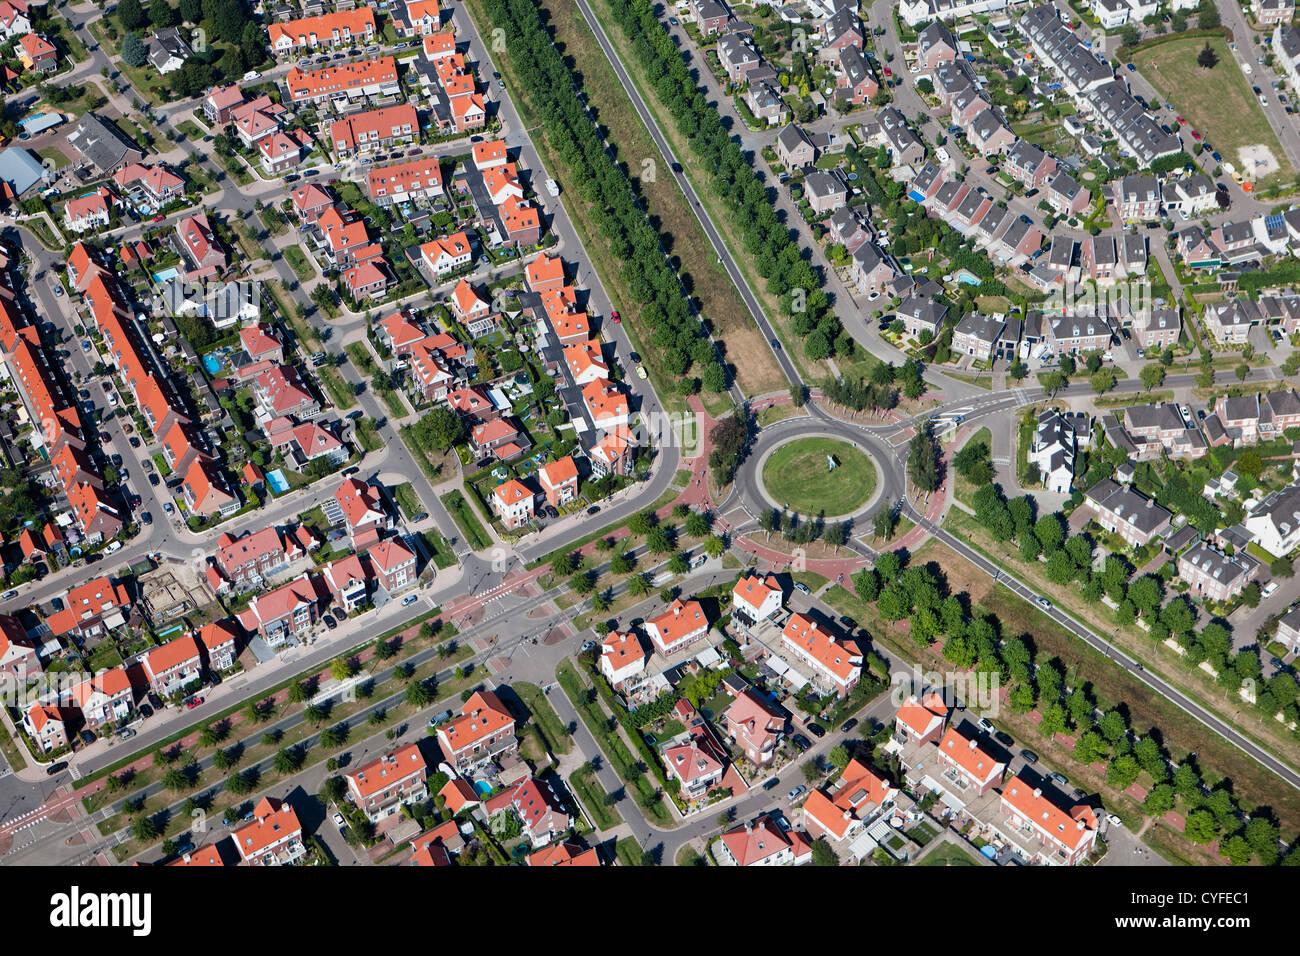 En los Países Bajos, en Helmond, barrio residencial llamado Brandevoort. Antena. Imagen De Stock